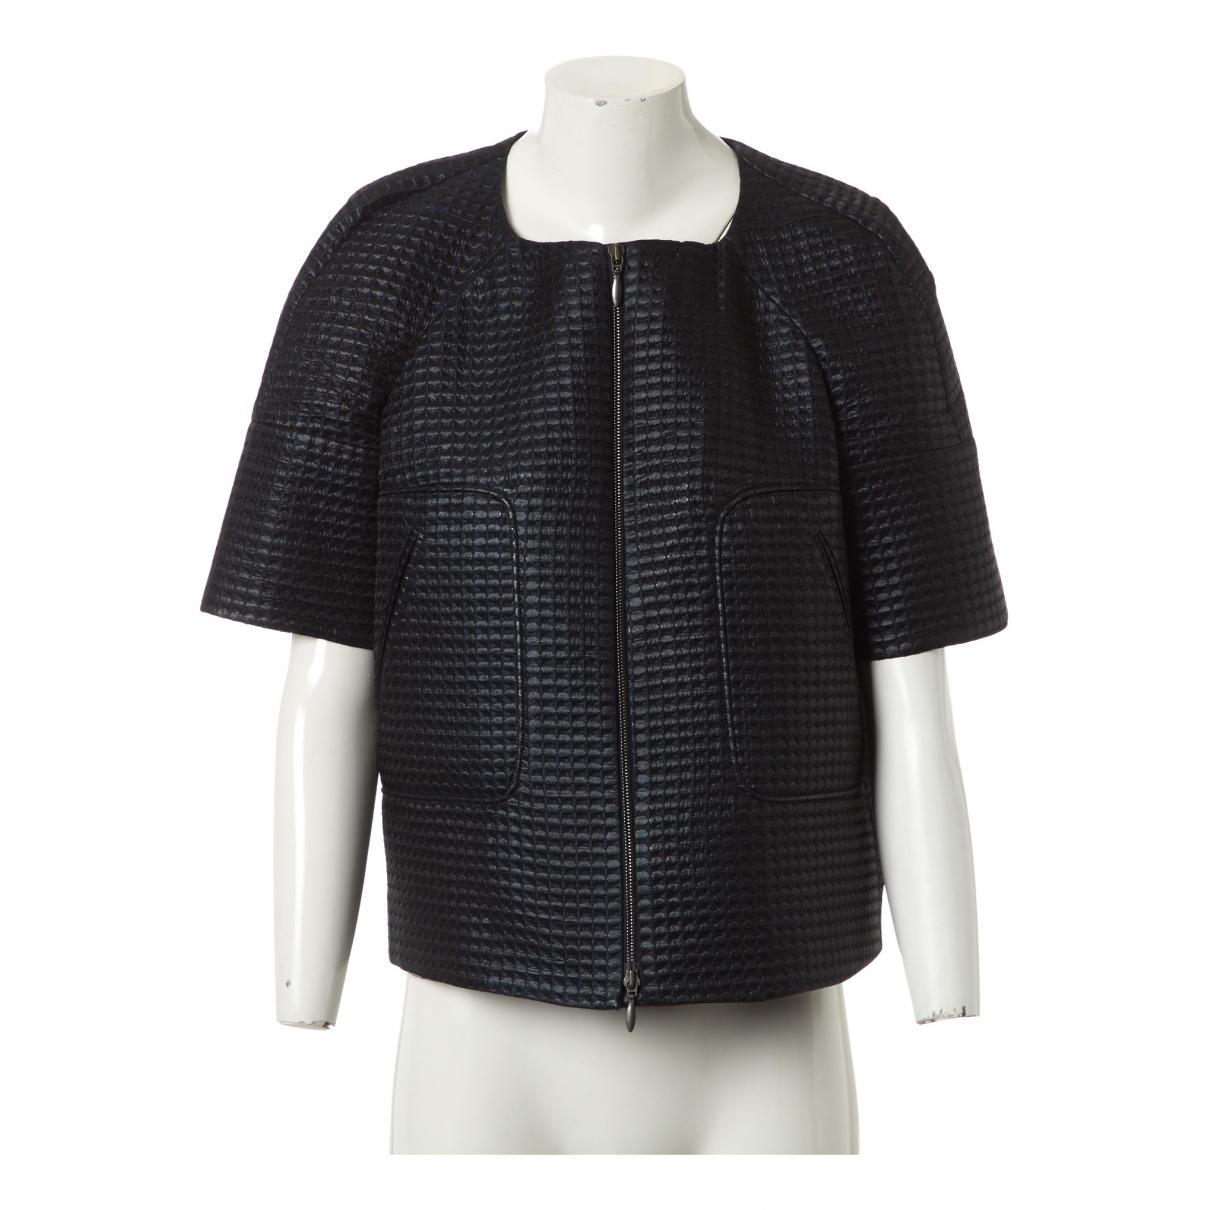 Marni \N Black jacket for Women 44 IT